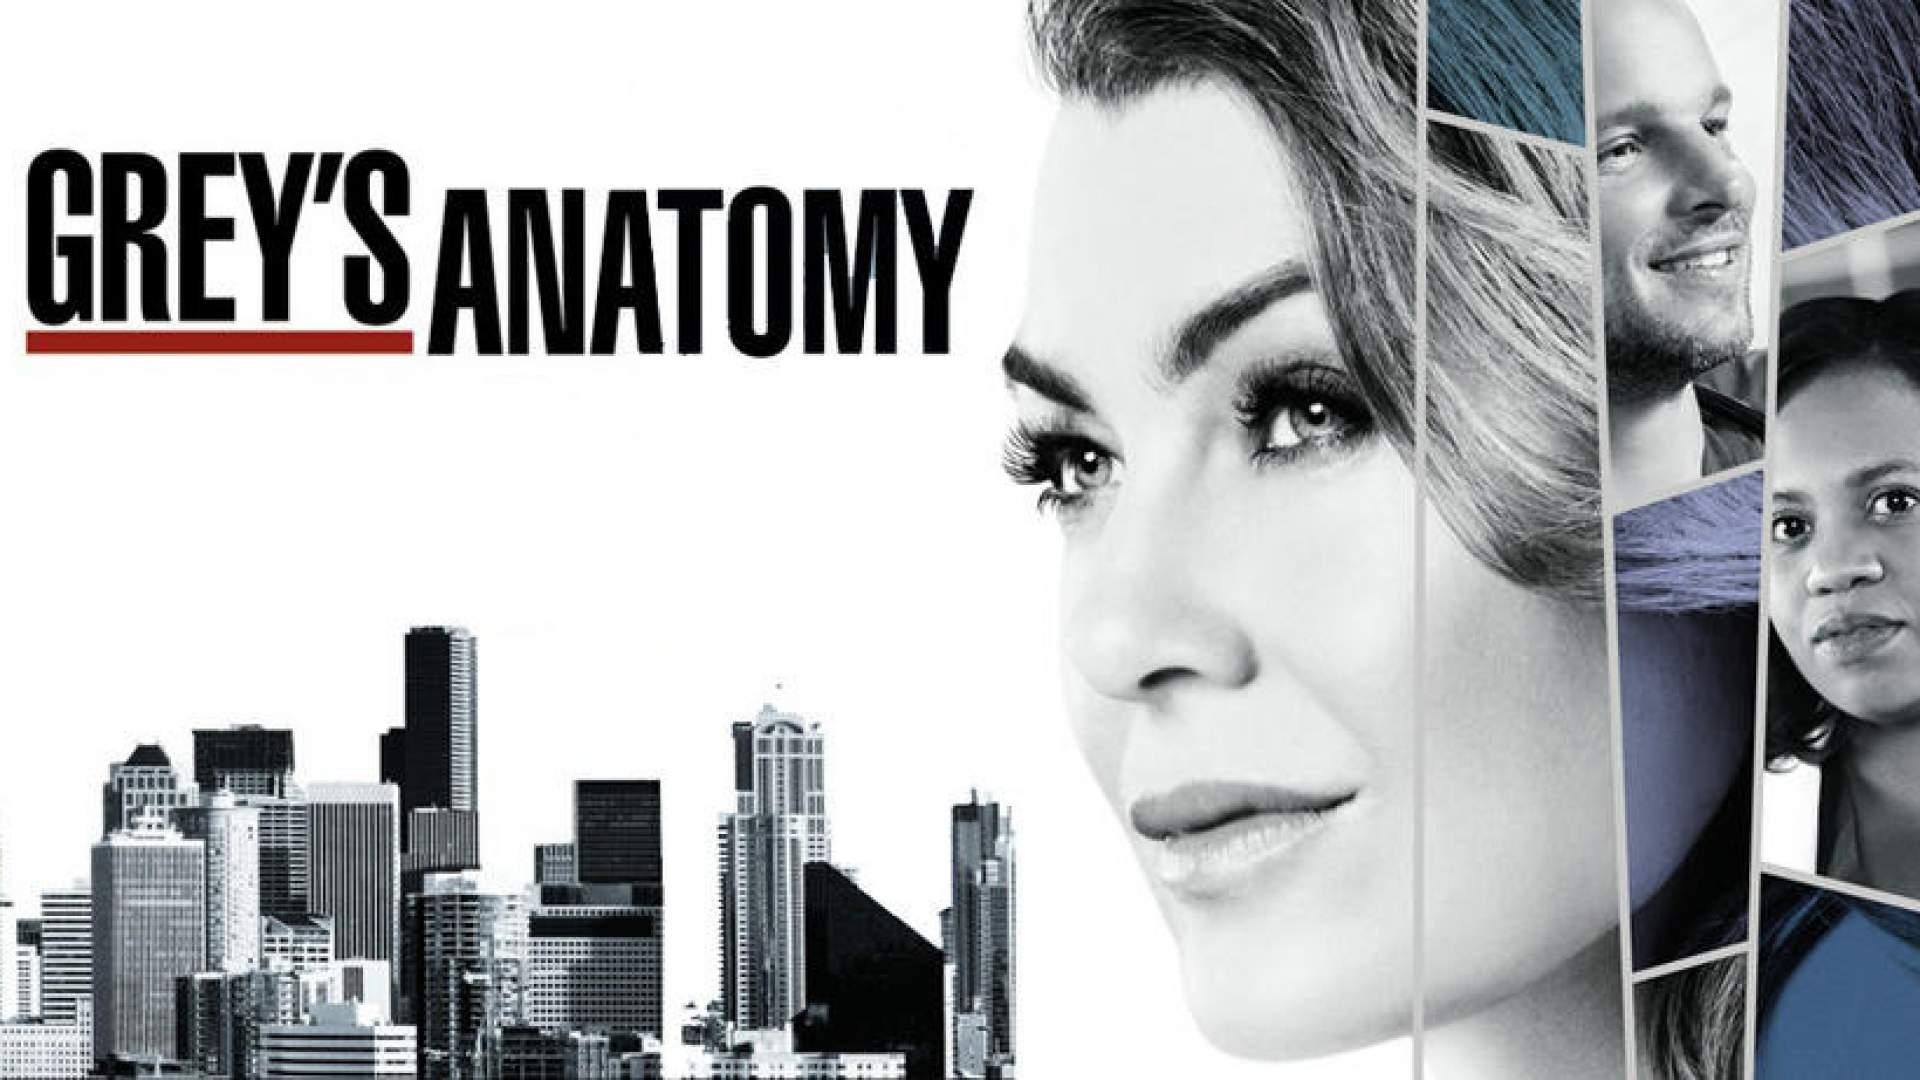 Groß Greys Anatomy Freier Strom Zeitgenössisch - Anatomie Ideen ...